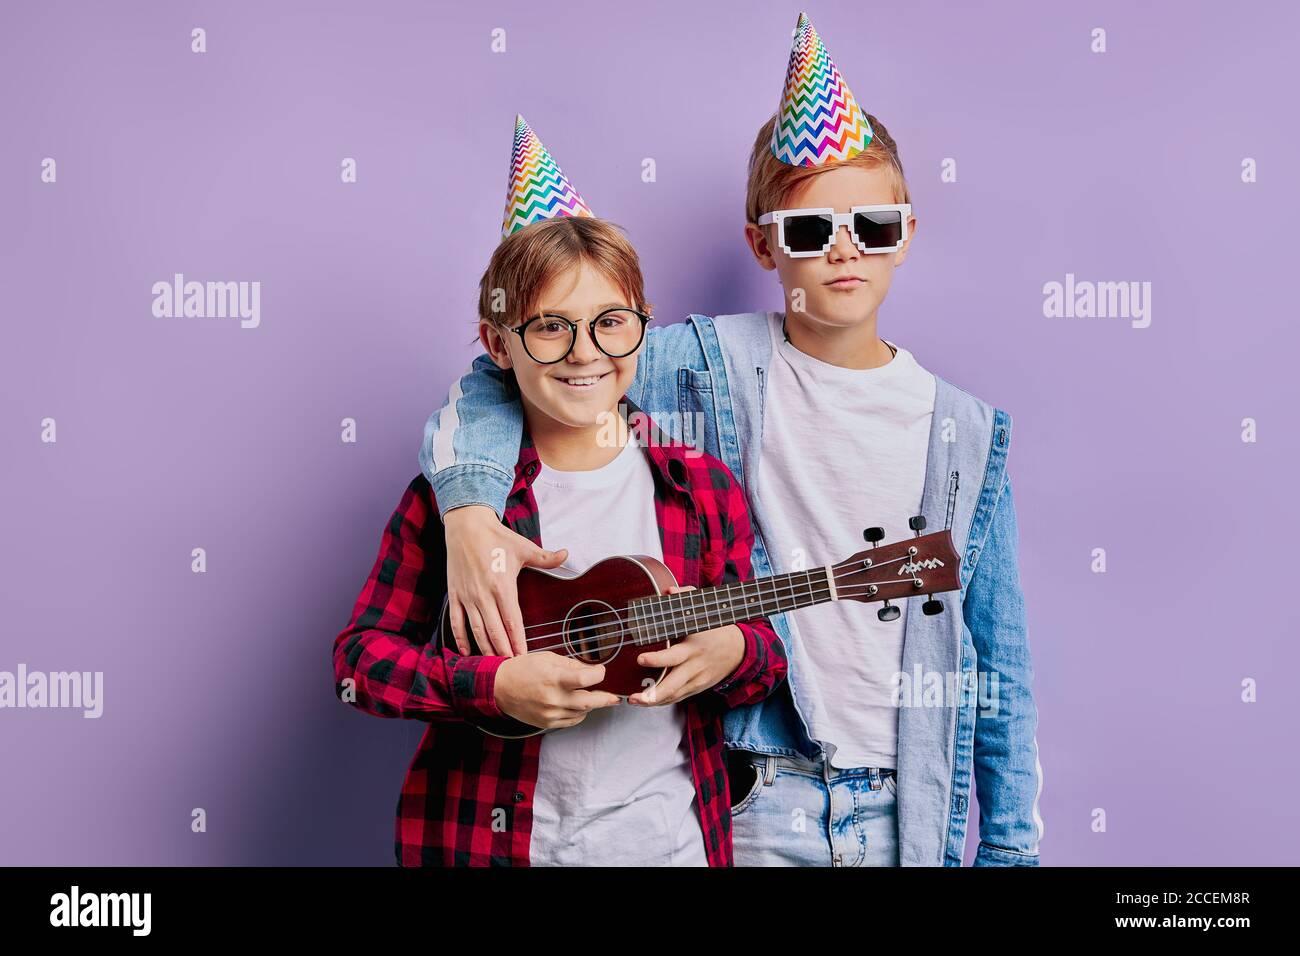 portrait de beaux garçons d'enfants à joyeux anniversaire portant un chapeau de vacances sur la tête et tenant ukulele, la musique d'exécution. amitié, enfants, cont anniversaire Banque D'Images